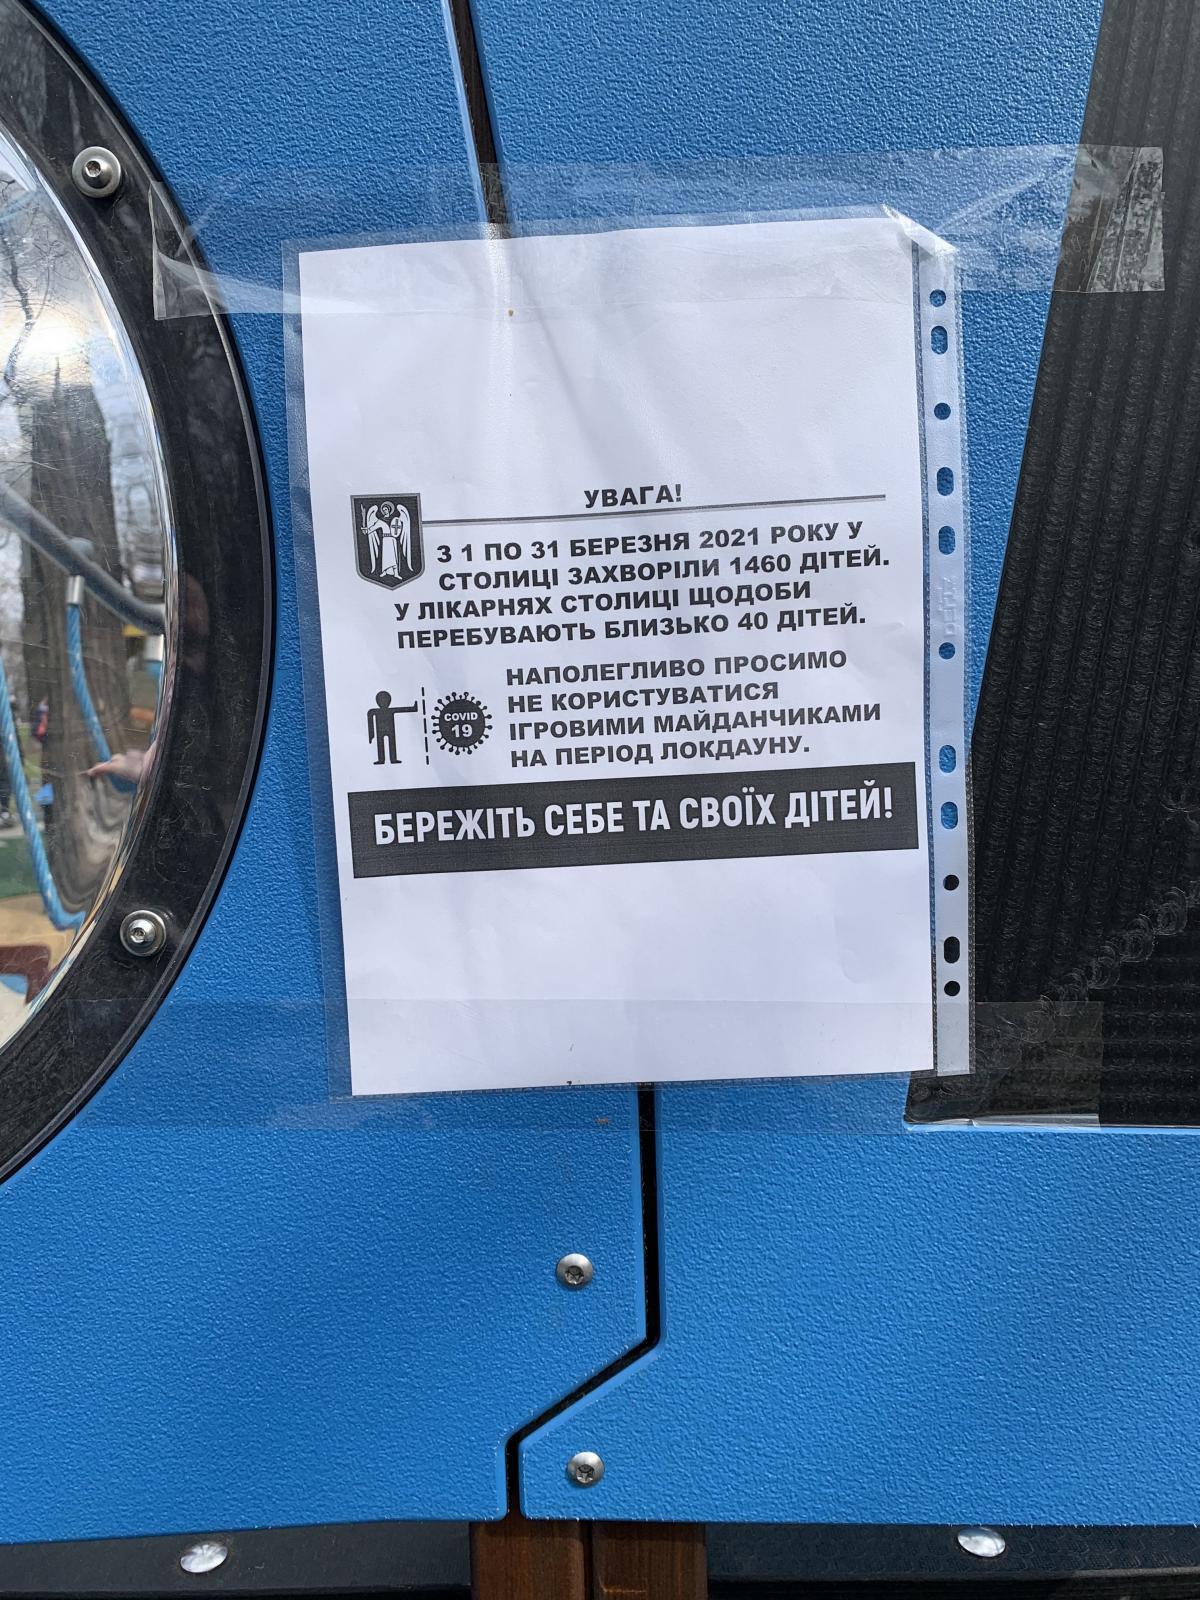 Рядом размещали «информационный плакат» / фото УНИАН